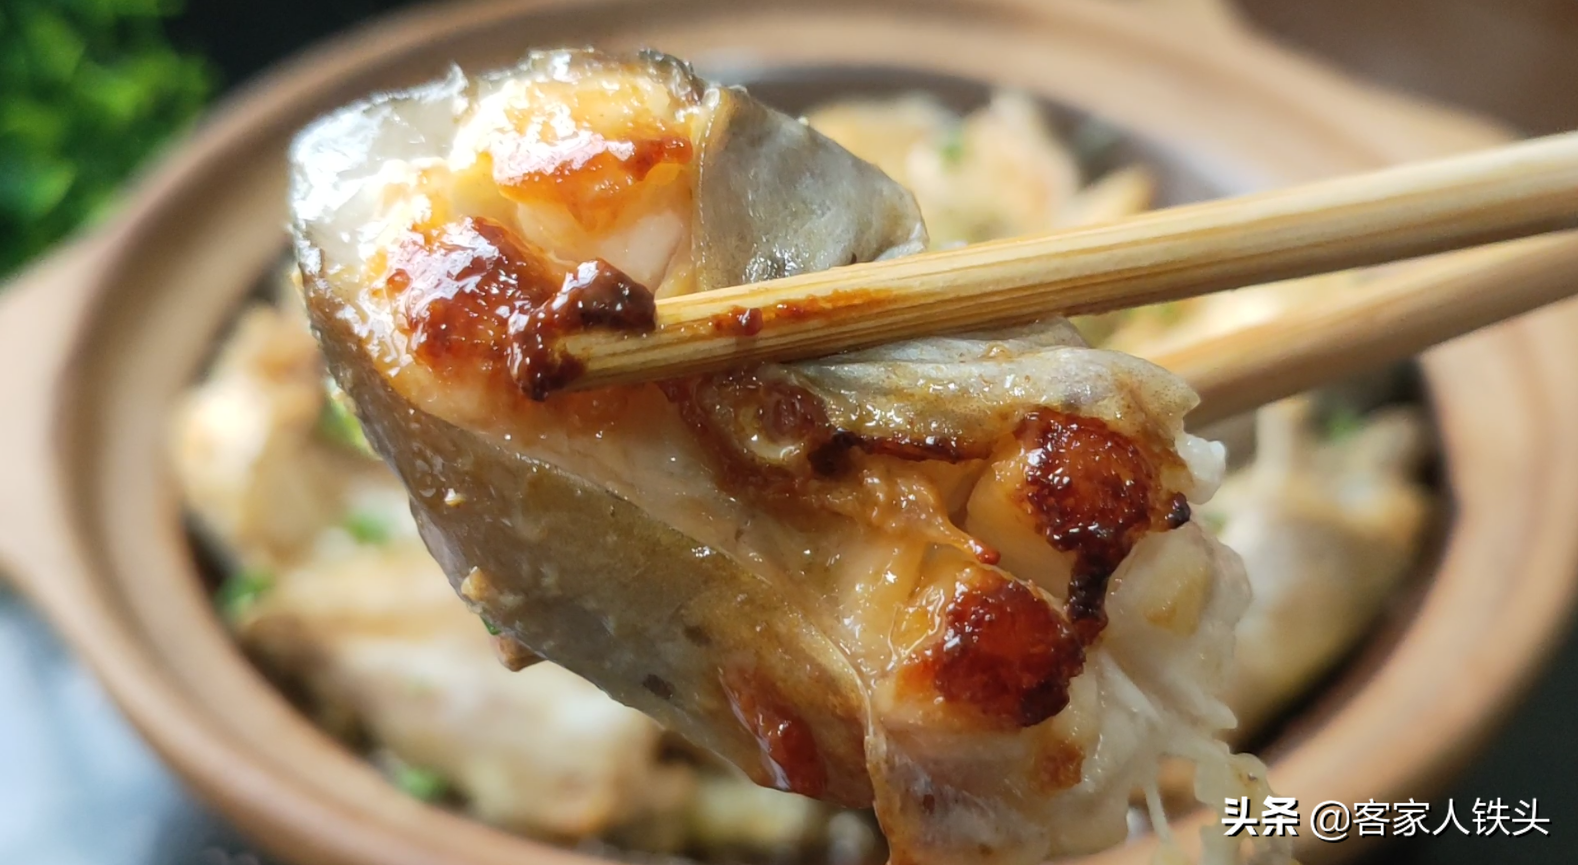 做生焗魚煲,廣東人真有一套,一醃一焗就開吃,簡單好吃營養豐富